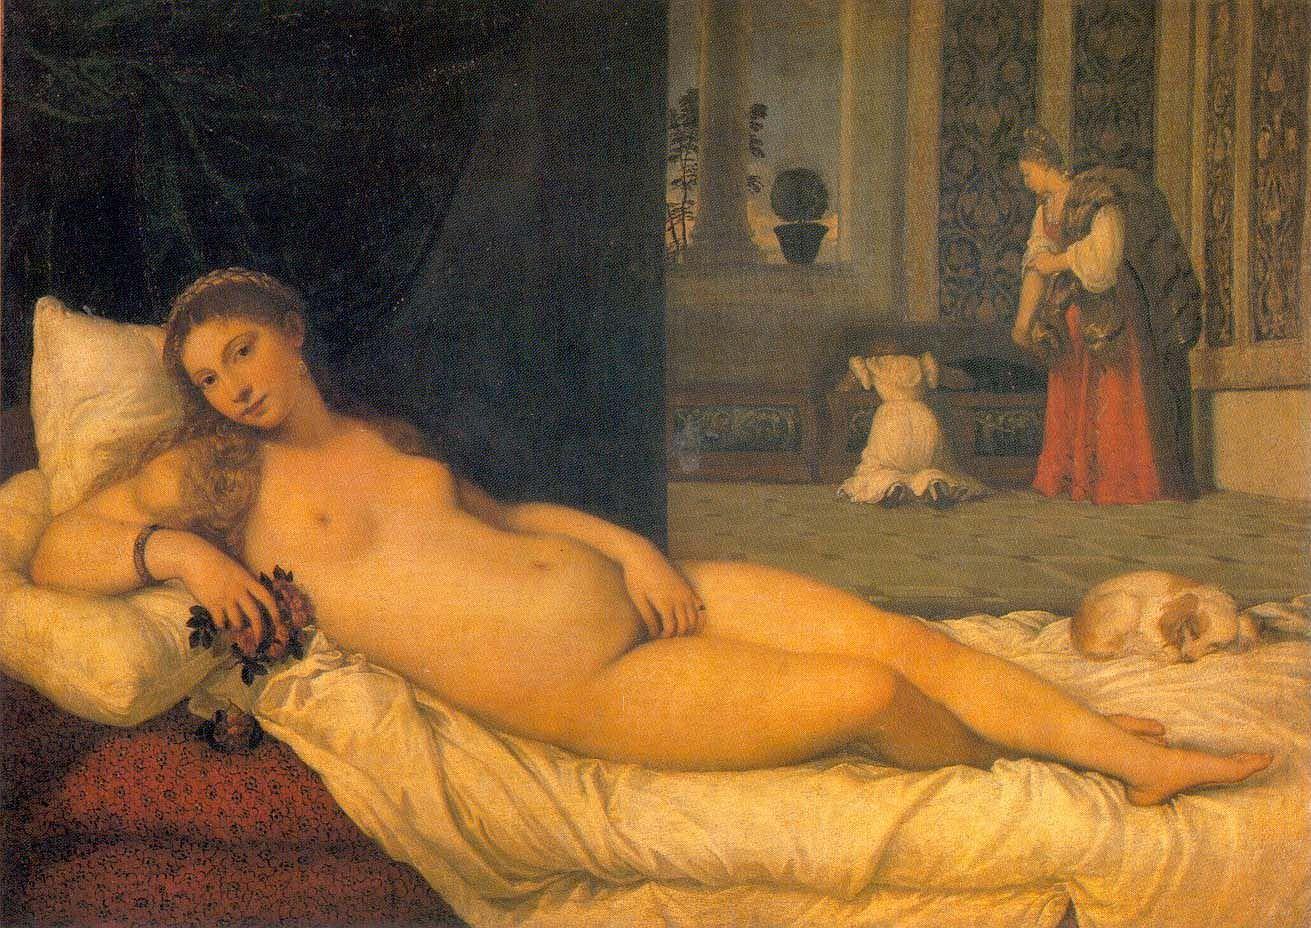 Tizian, Venus von Urbino, 1538, Öl auf Leinwand, 119x165 cm, Florenz, Galleria degli Uffizi (su concessione del Ministero per i Beni e le Attività Culturali)/(courtesy of Ministero per i Beni e le Attività Culturali).